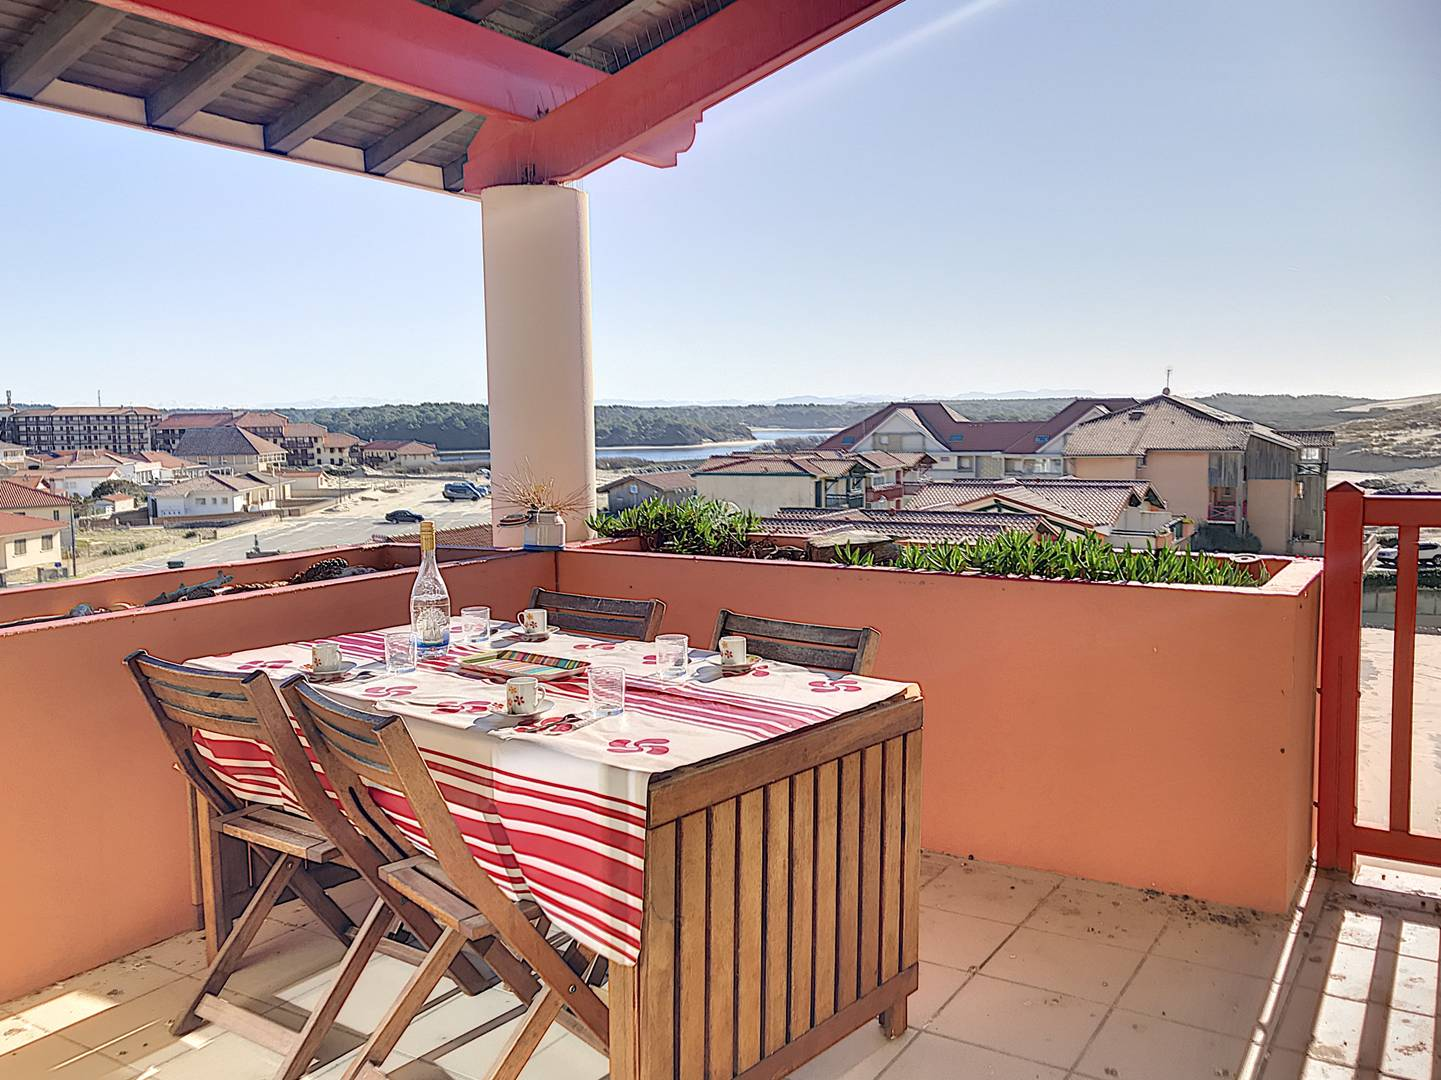 Appartement pour 6 personnes à Vieux Boucau à louer pour vos vacances